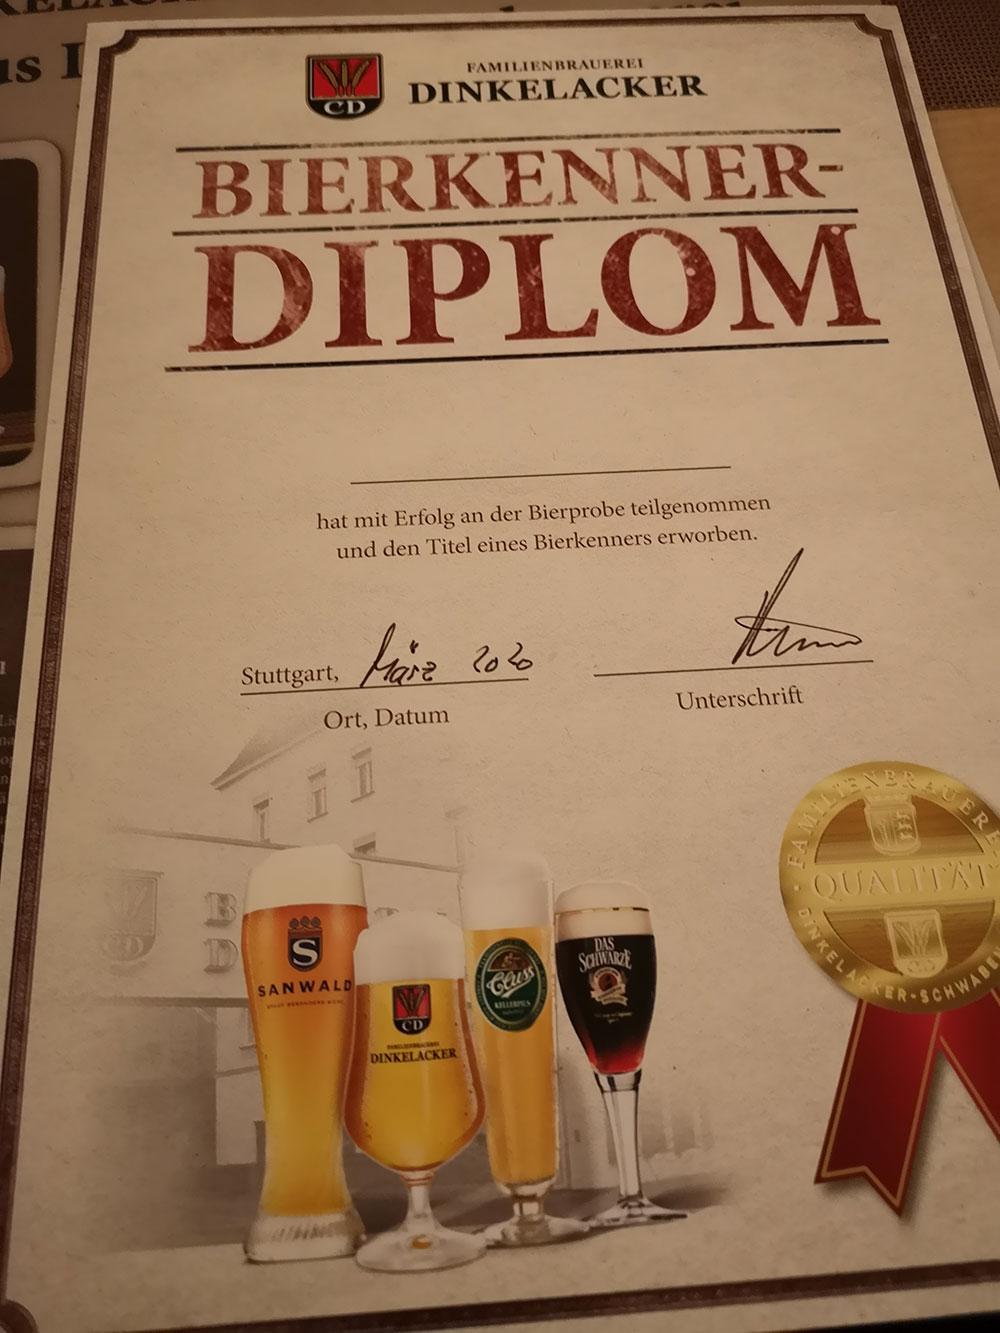 ...und zum Abschluss ein Bierkenner-Diplom!